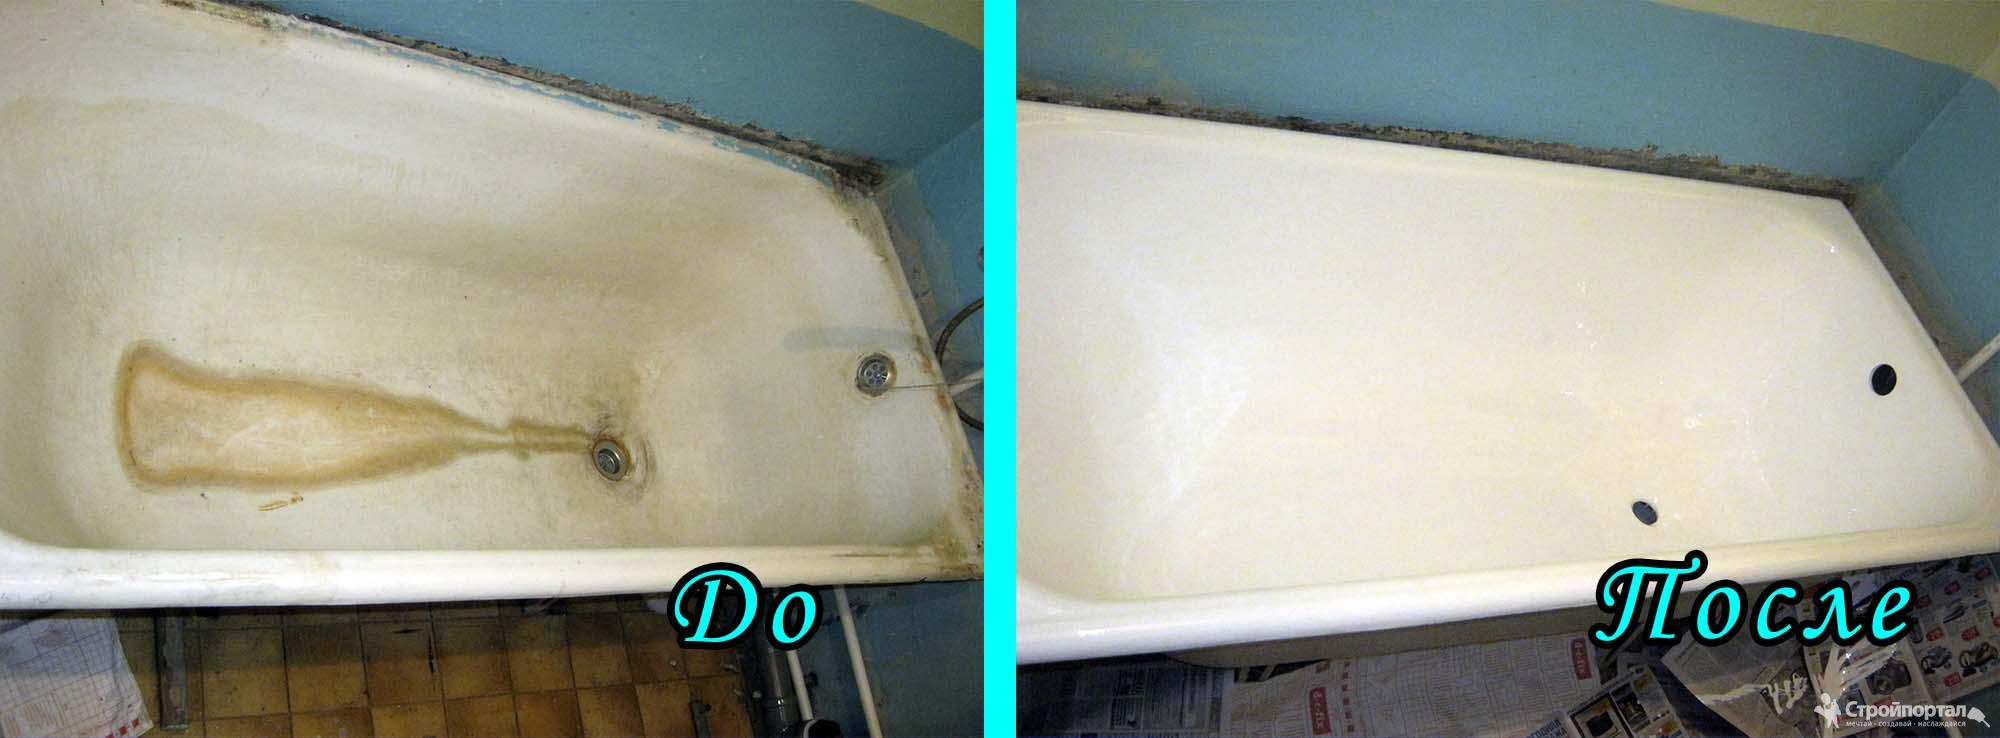 Наливная ванна или акриловый вкладыш - выбираем вид реставрации покрытия